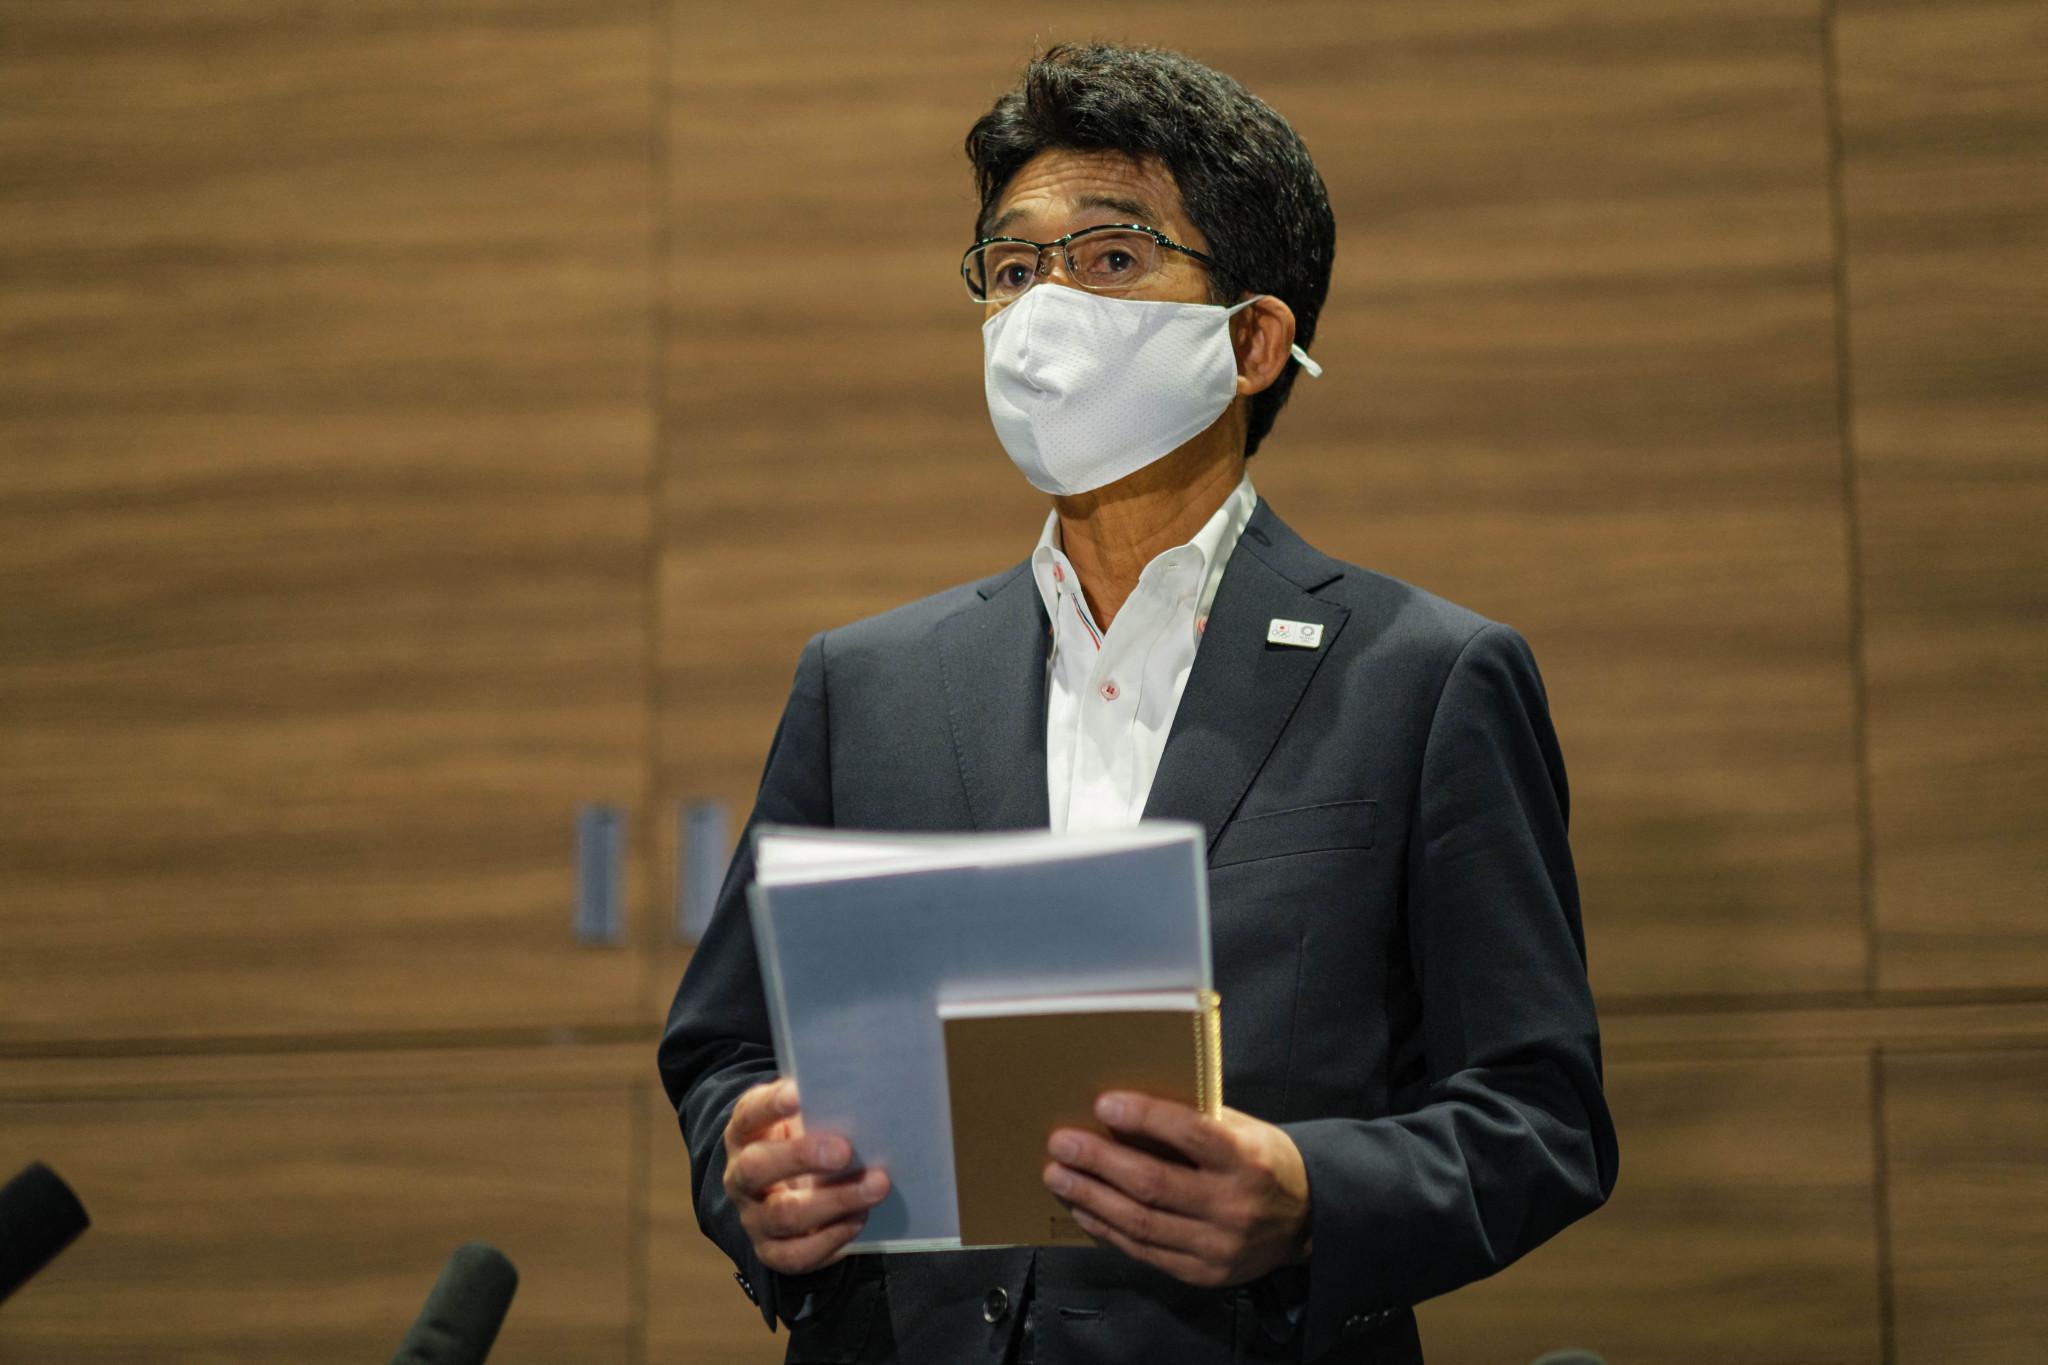 """日本の公館長福井宗義は、彼はそこにいないと主張している """"大きな問題"""" COVID-19©ゲッティイメージズ運動村に少なくとも3人のアスリートがいるにもかかわらず、陽性の検査を受けた"""